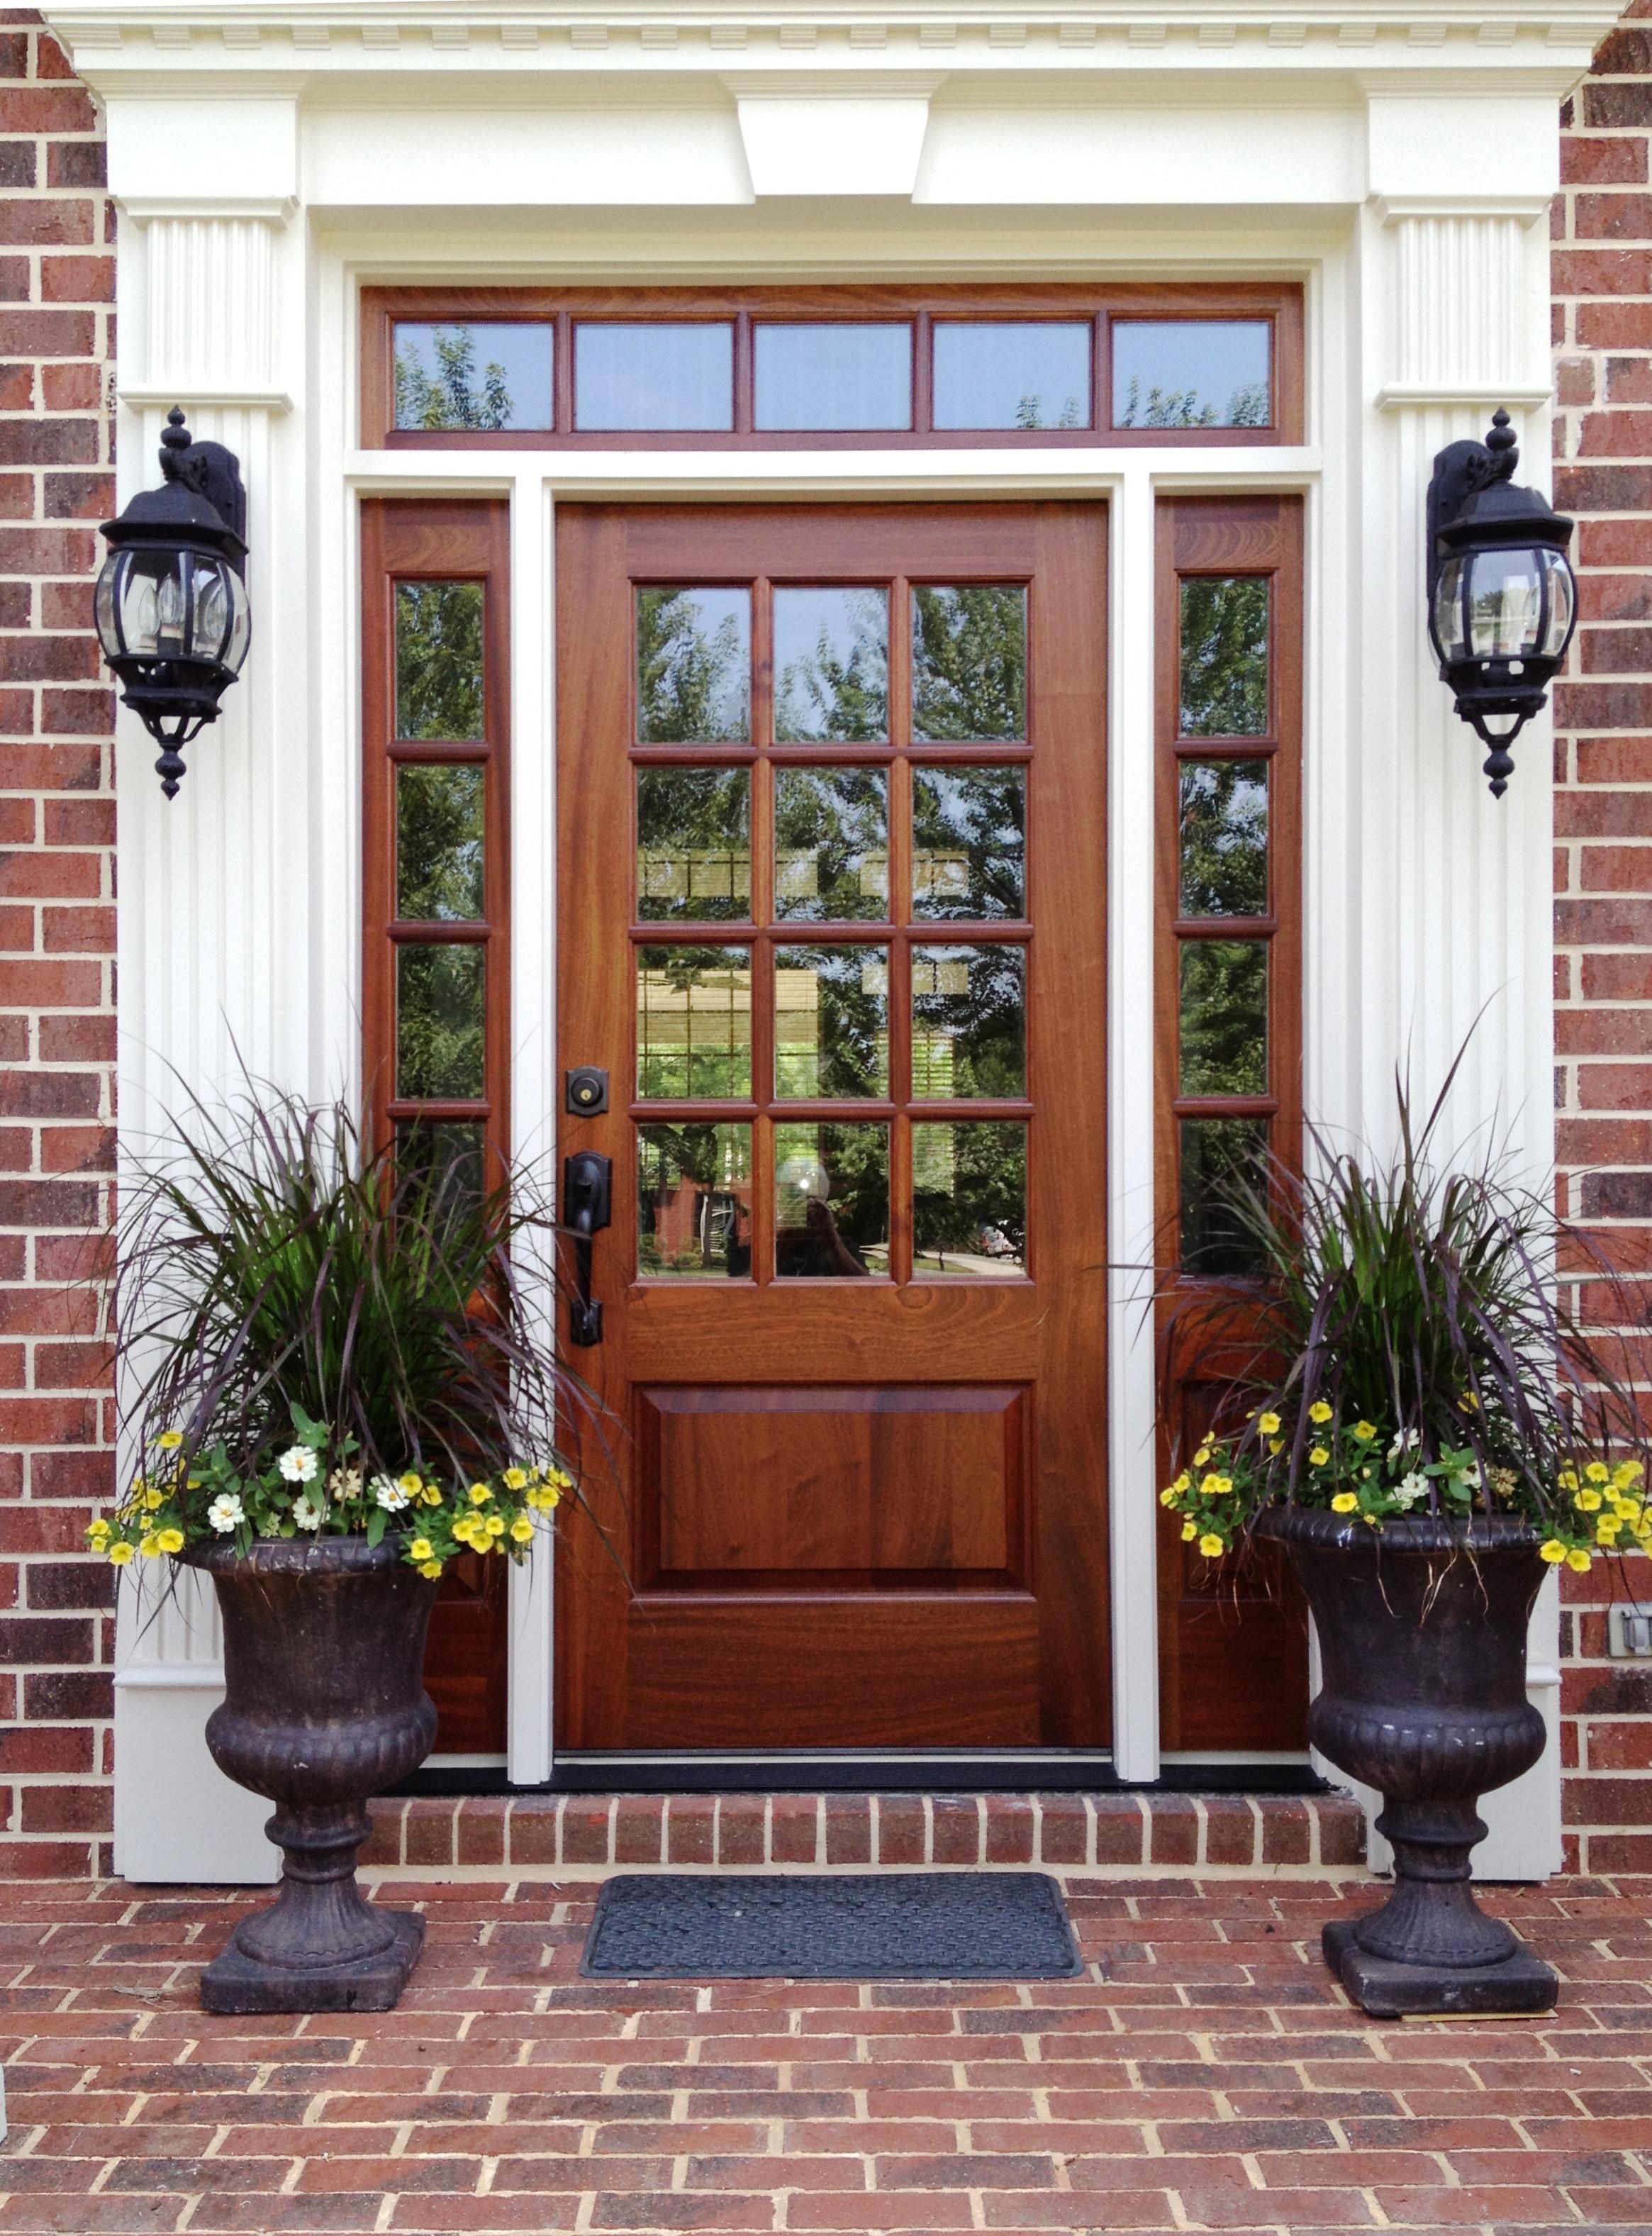 Our Richmond Fixer Upper Choosing and Finding a Dutch Door